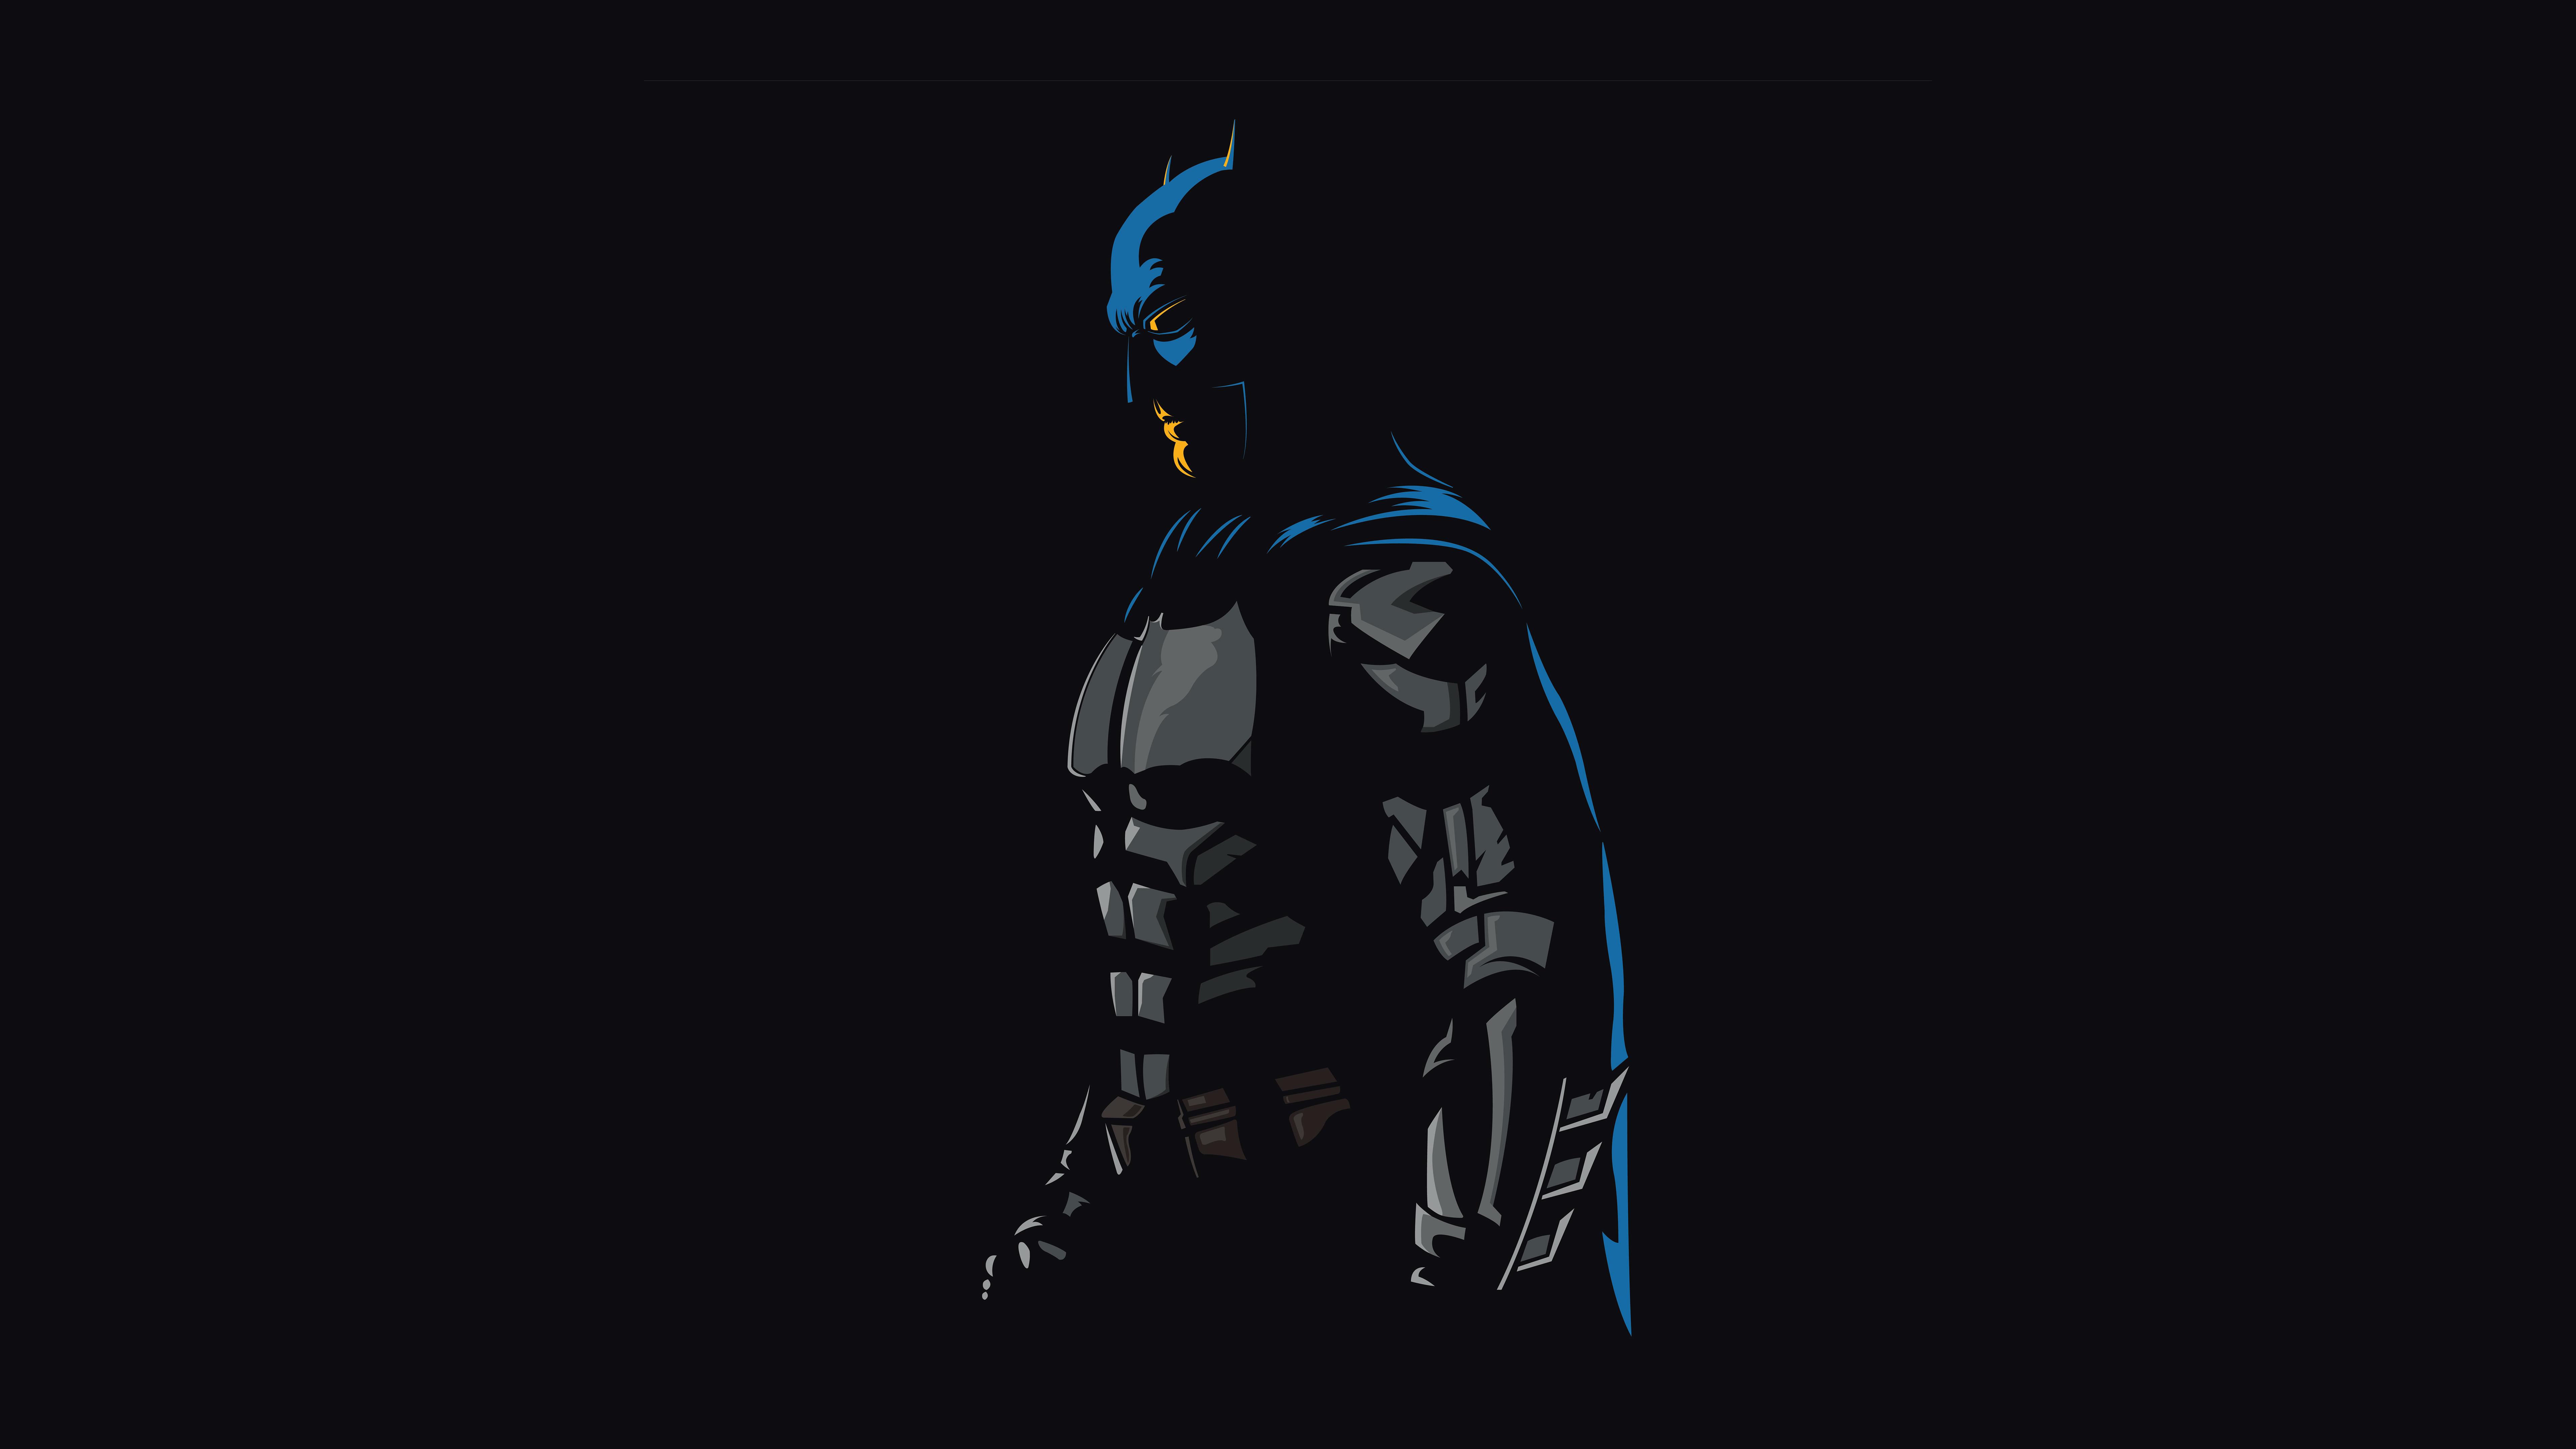 Минимальные художественные работы batman обои скачать